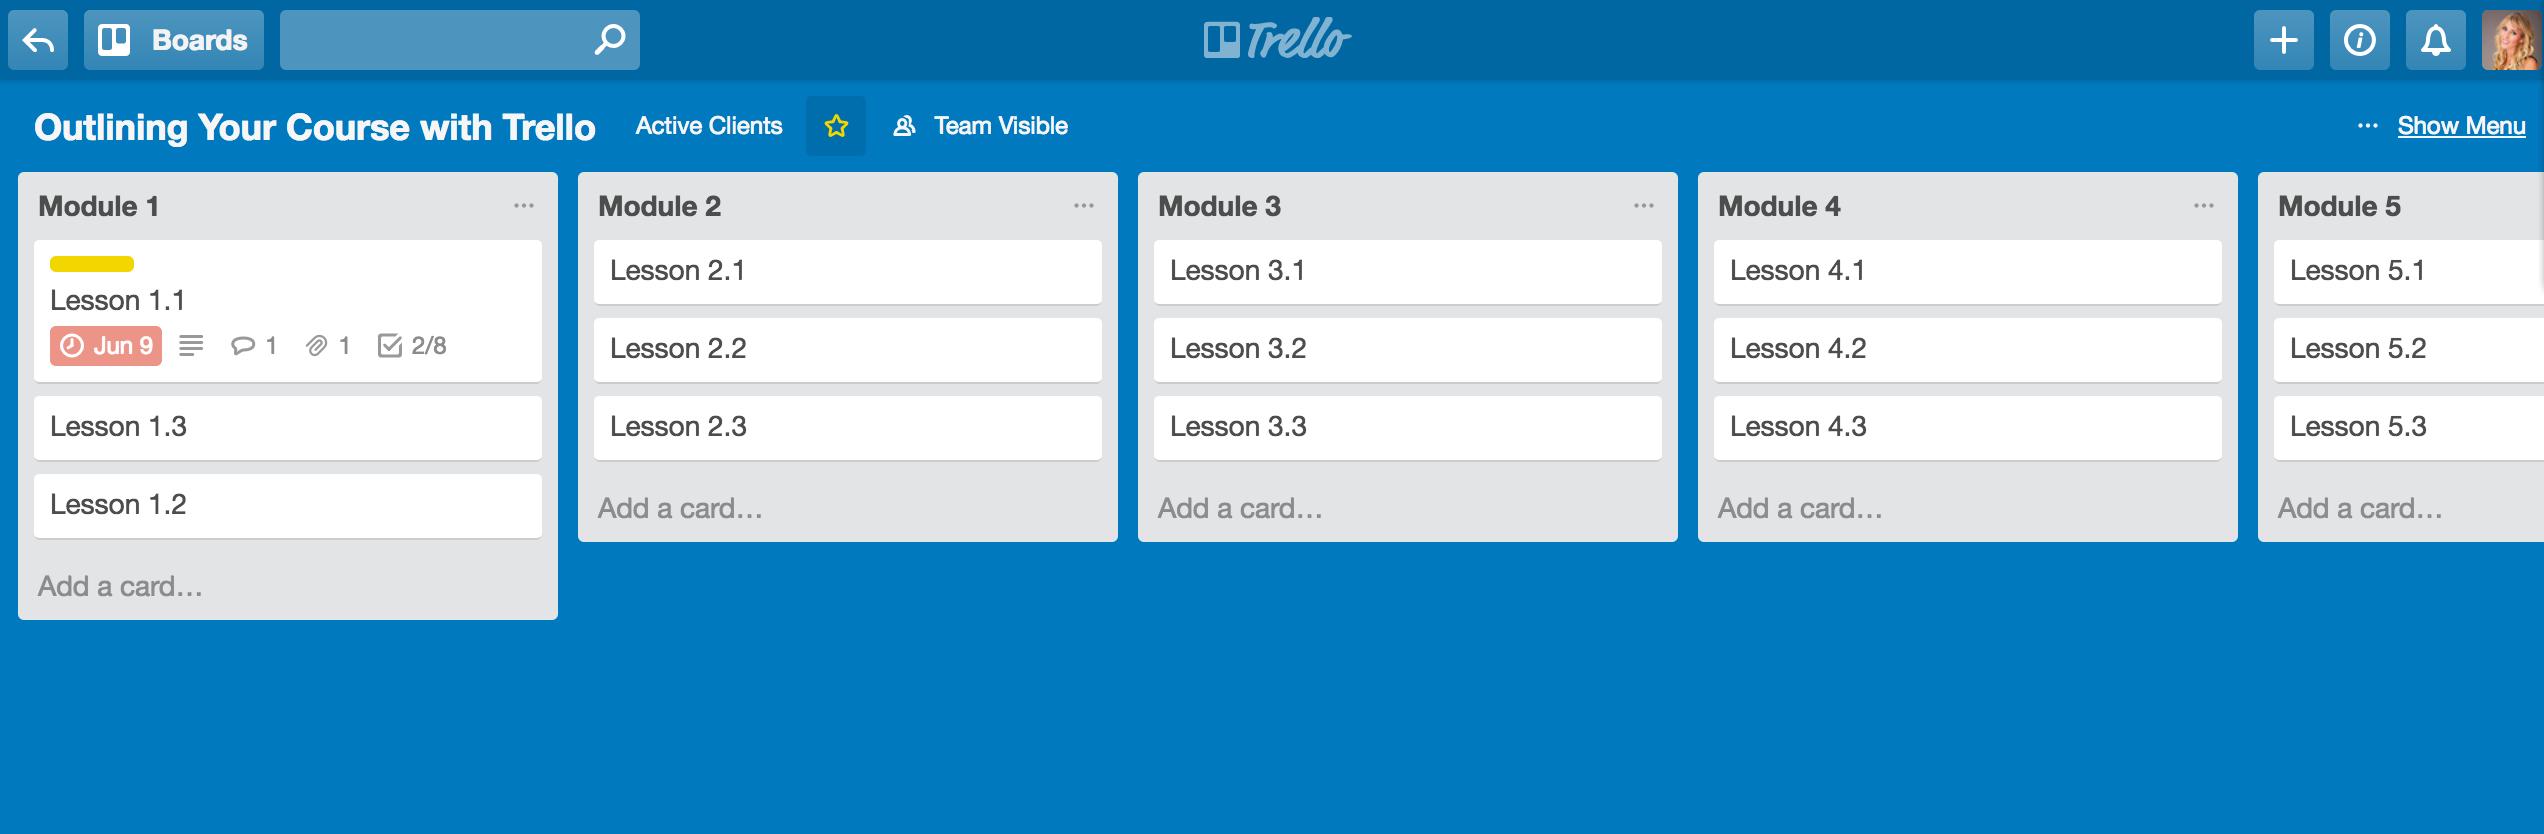 Ultimate Course Creation Resource Guide Trello